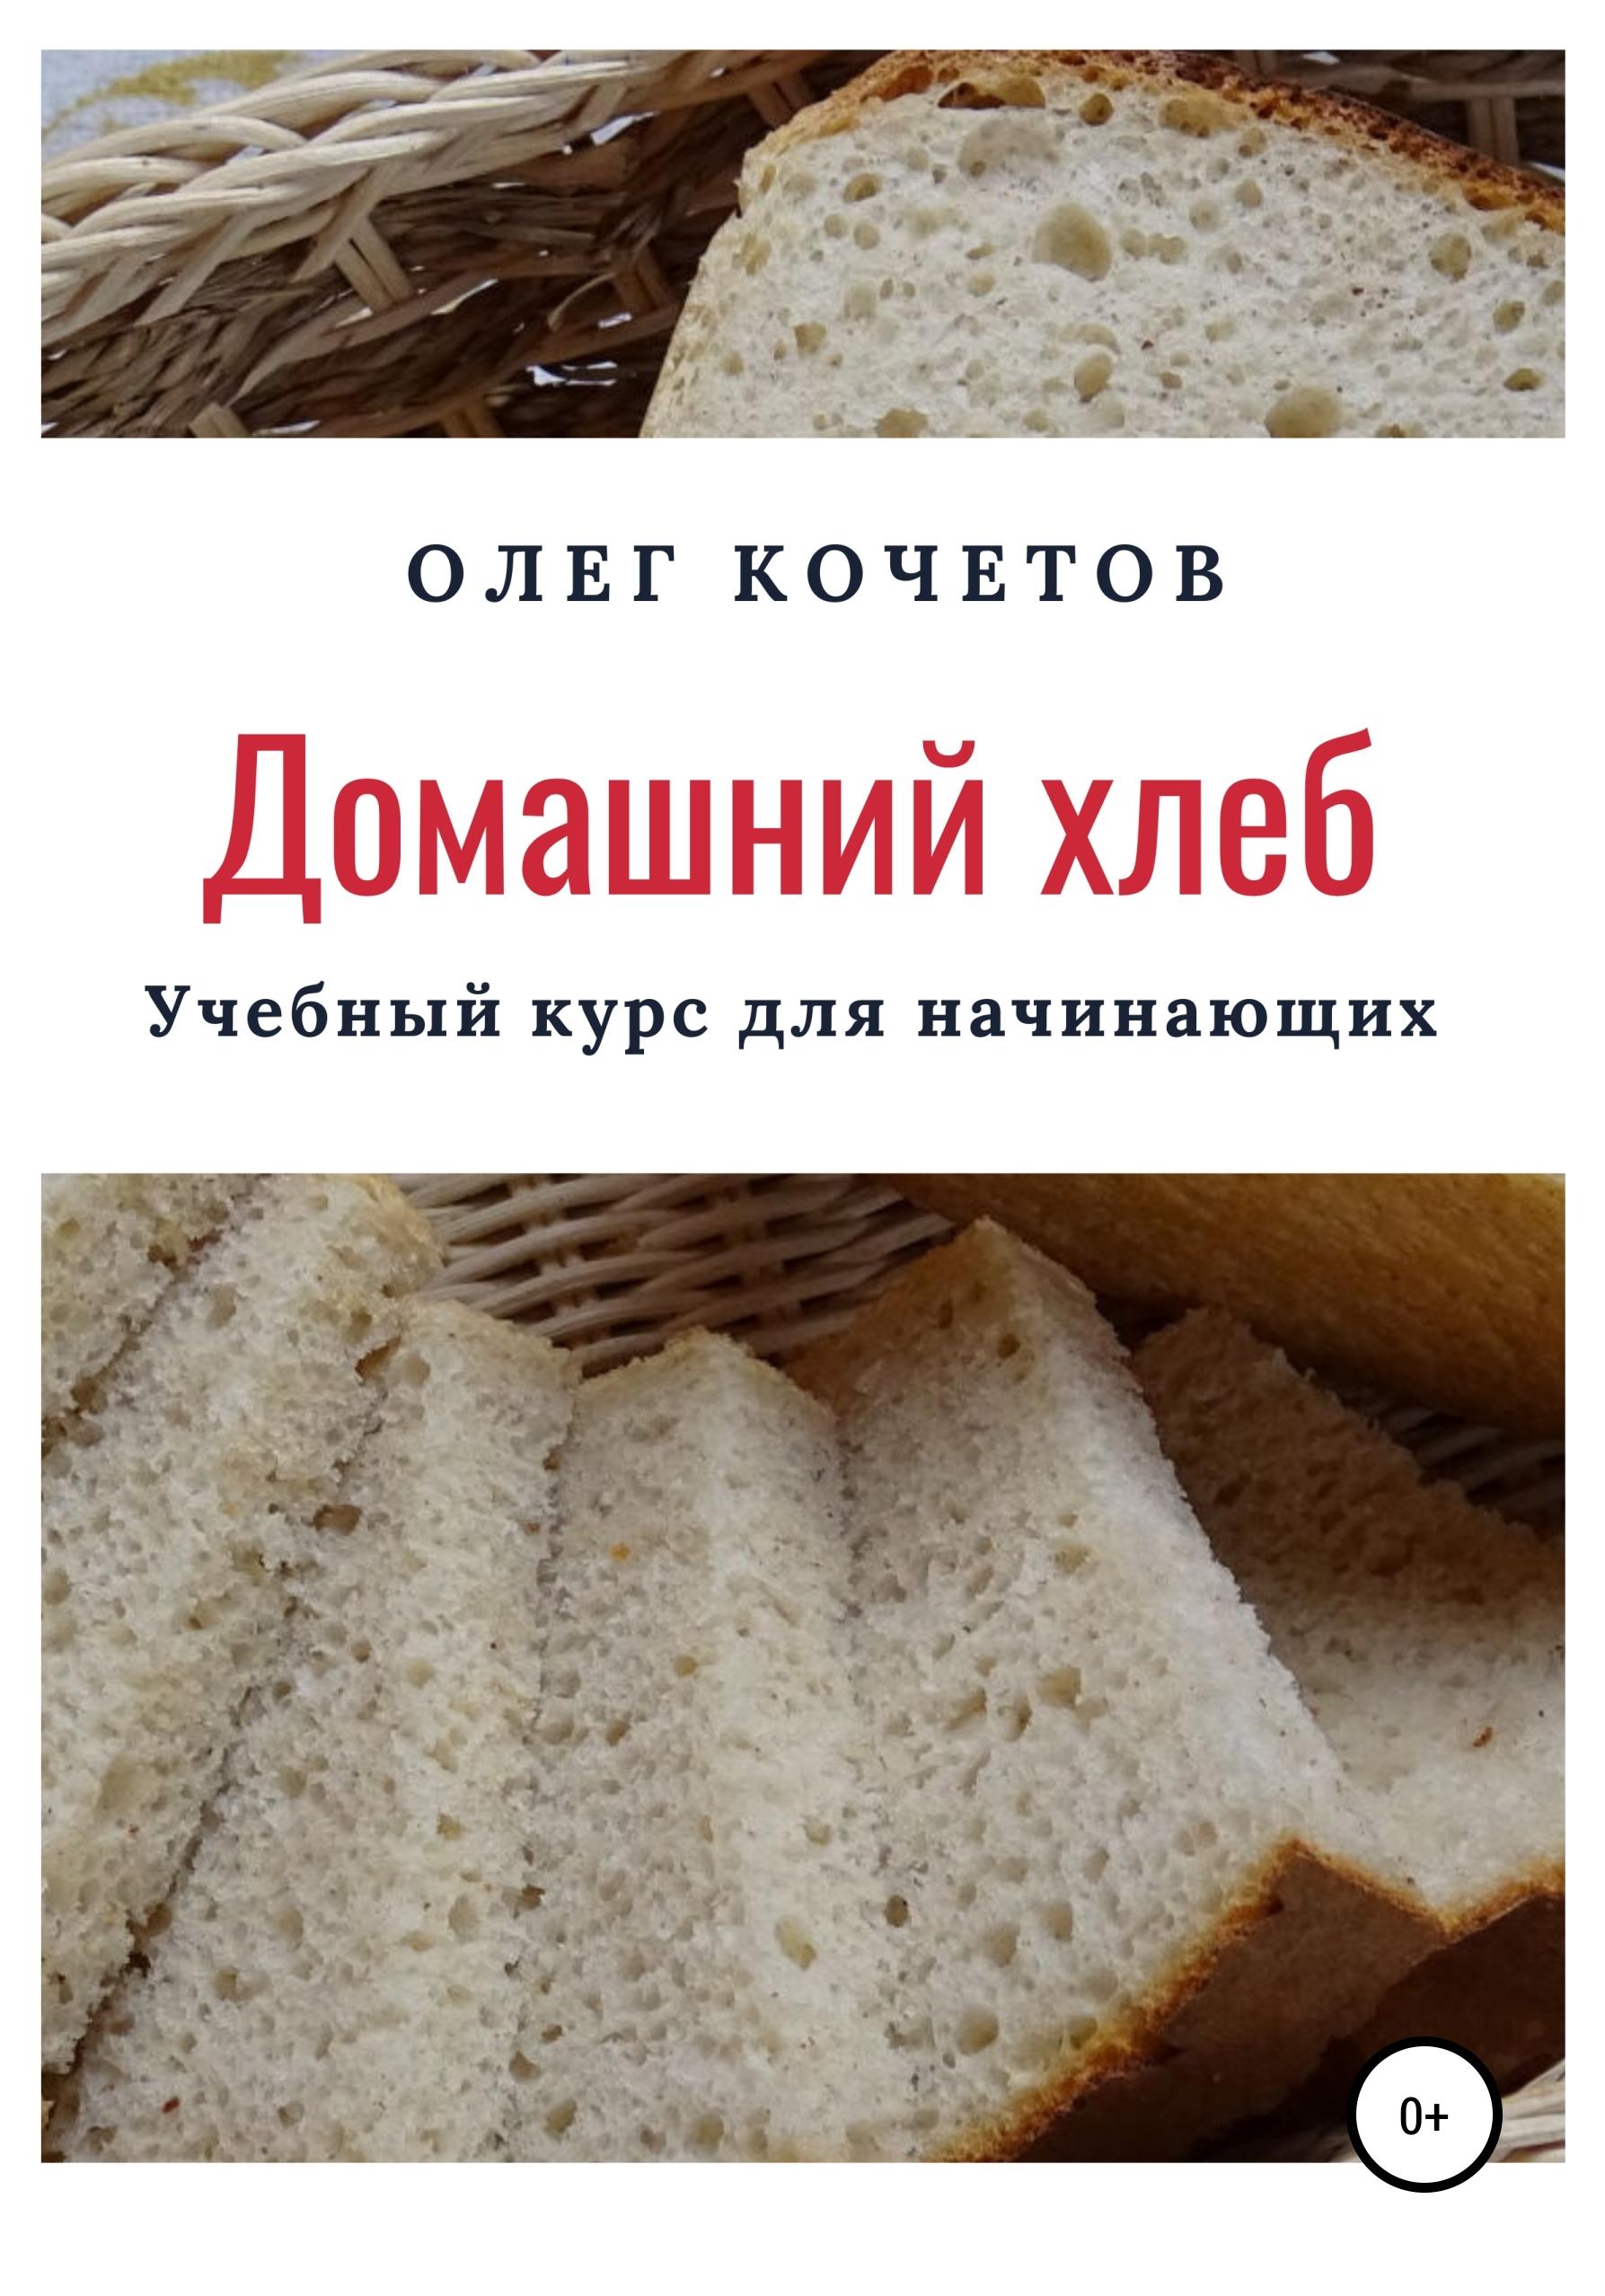 Олег Кочетов Домашний хлеб. Учебный курс для начинающих